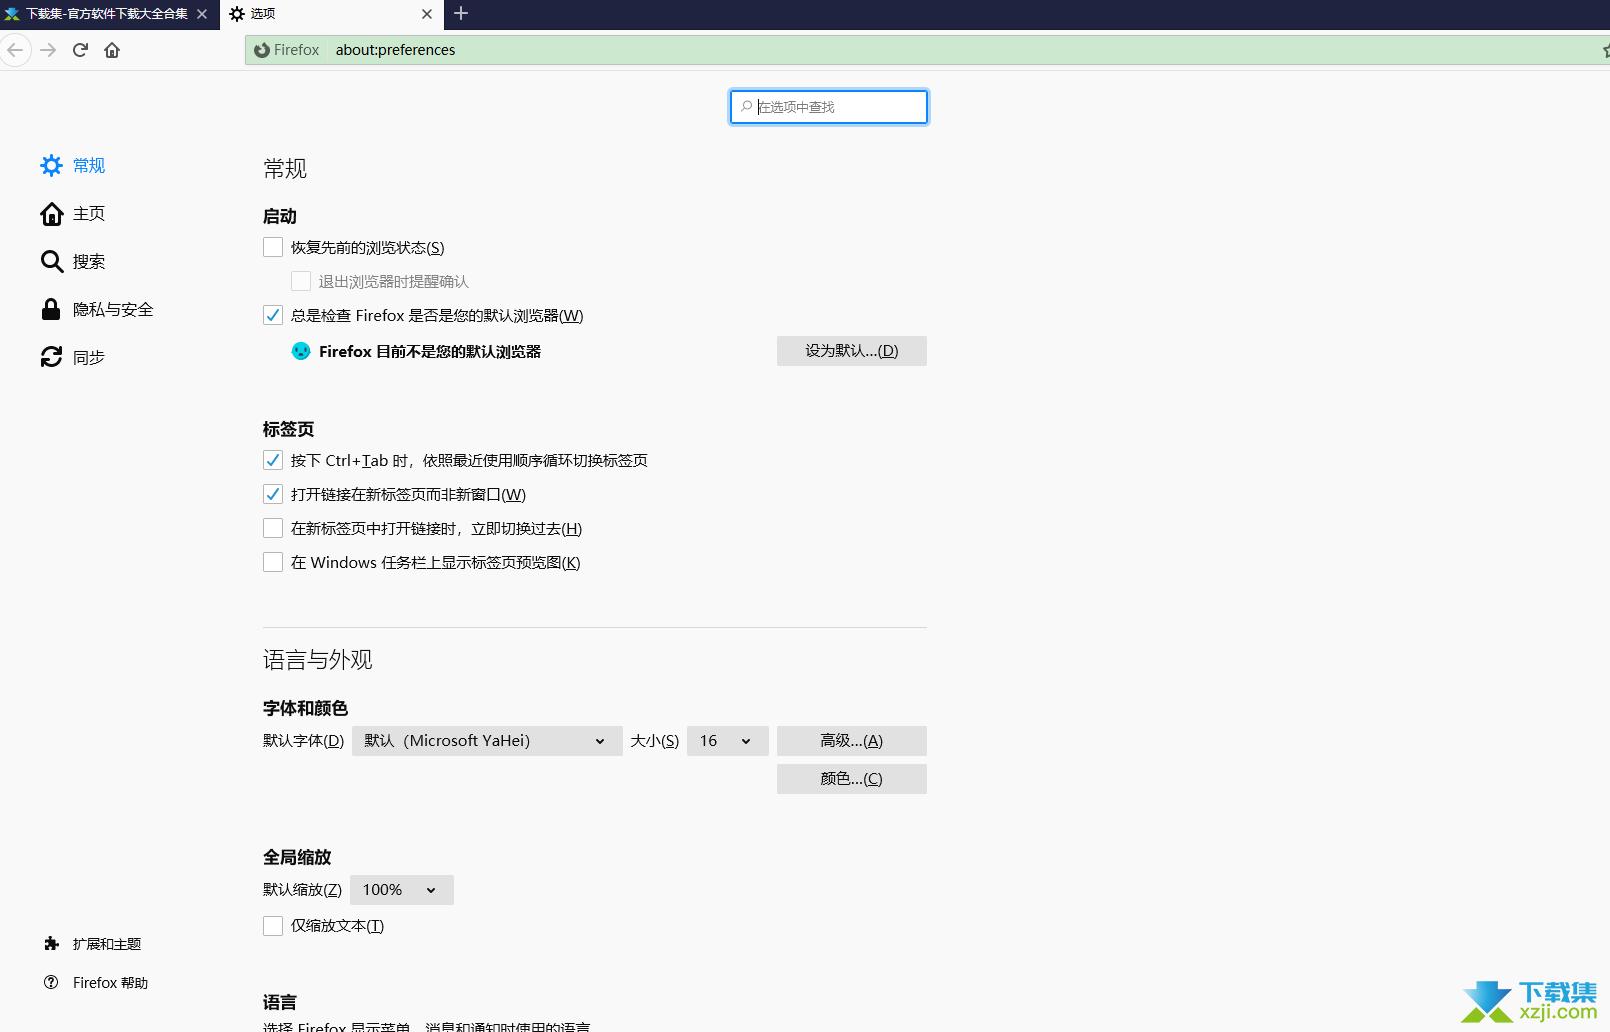 火狐浏览器界面12